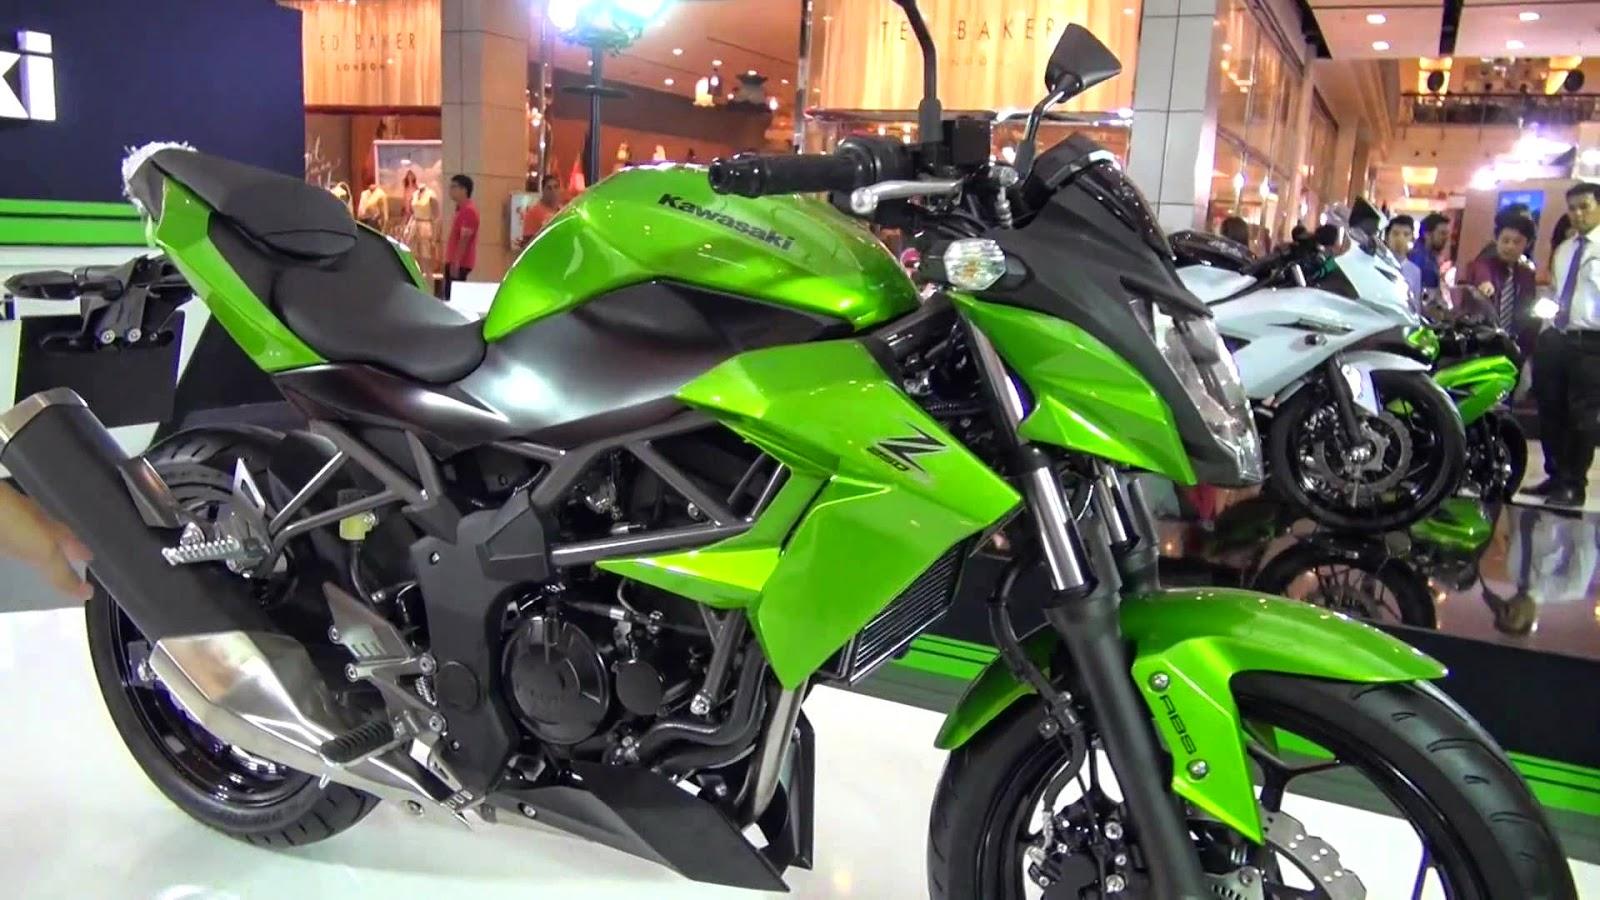 Kawasaki Zxr Price In India